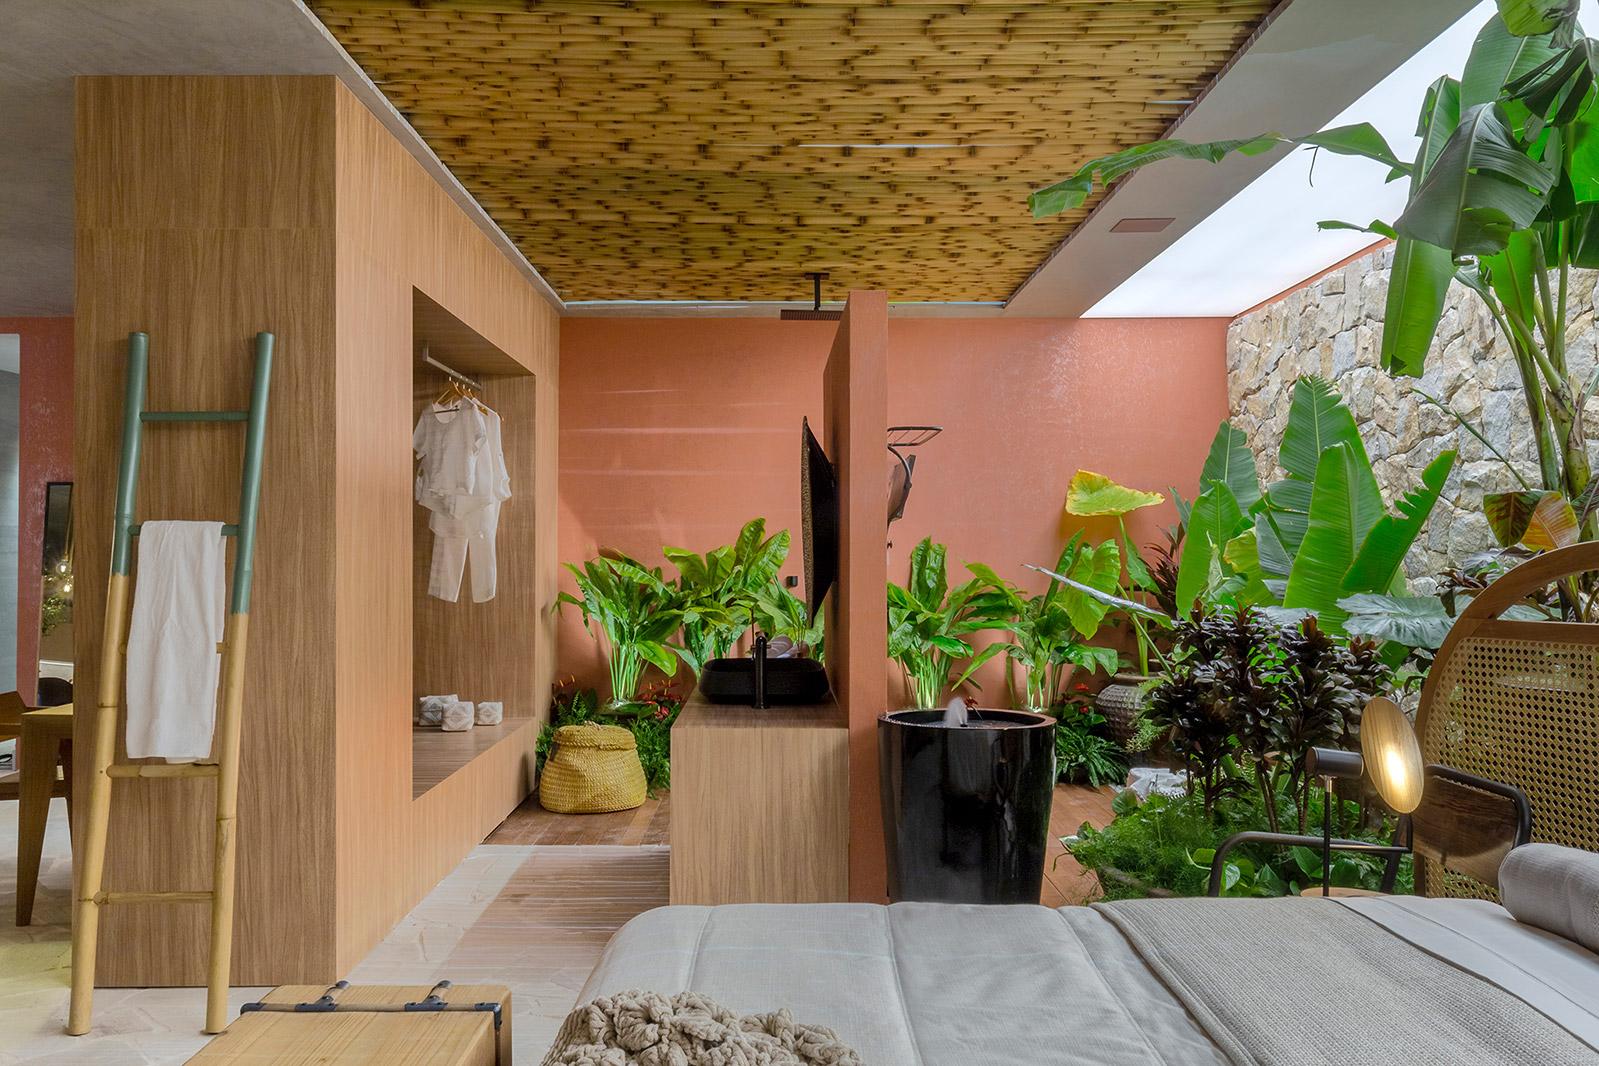 Casa de Raiz Mariana Mendonça Shoraya Canedo CASACOR Goiás 2021 quarto sala loft decoração design